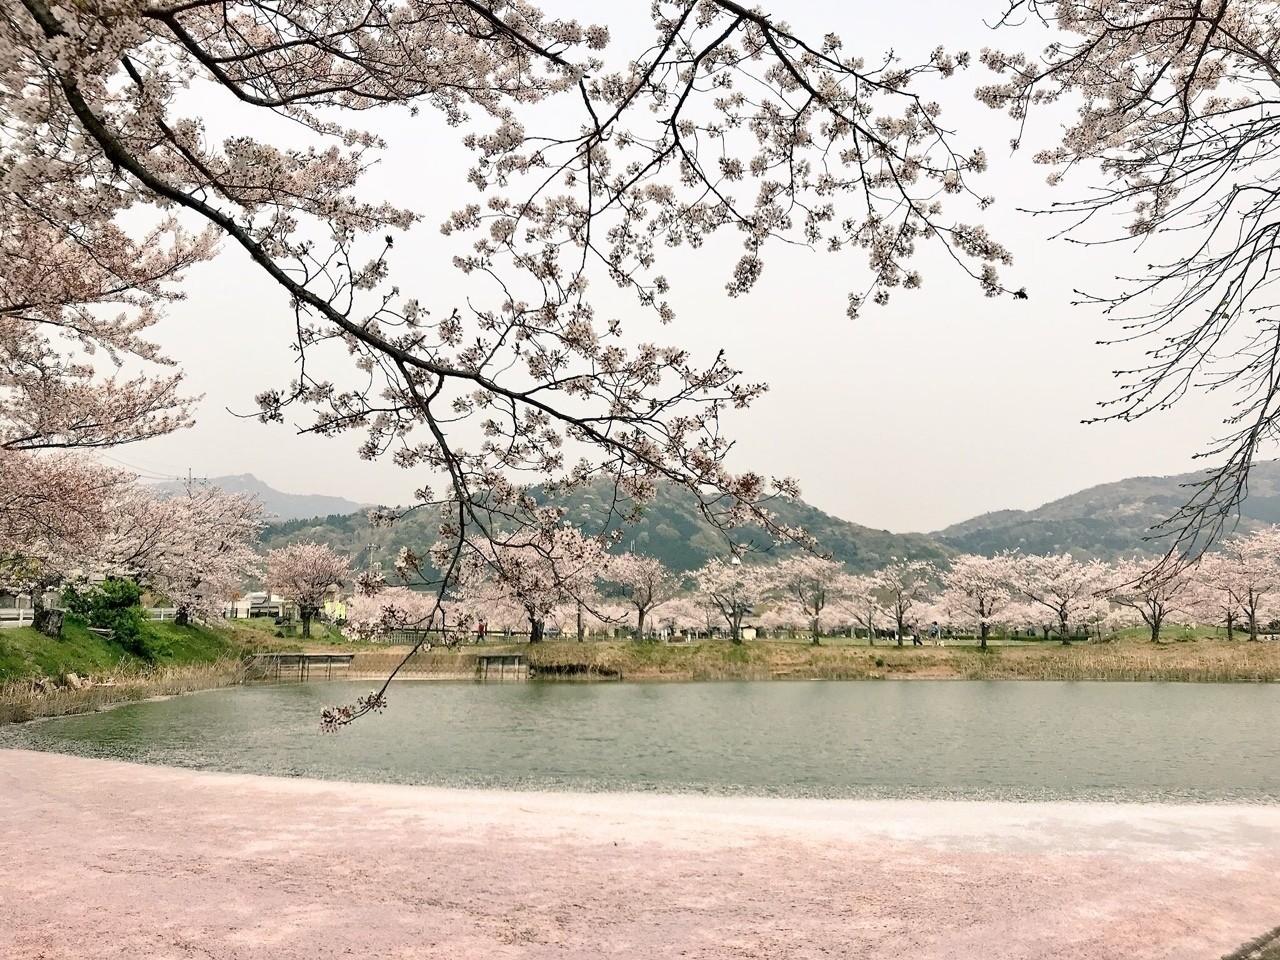 詰め込めるだけ詰め込んでみた #写真 のあつまり #茨城 #春